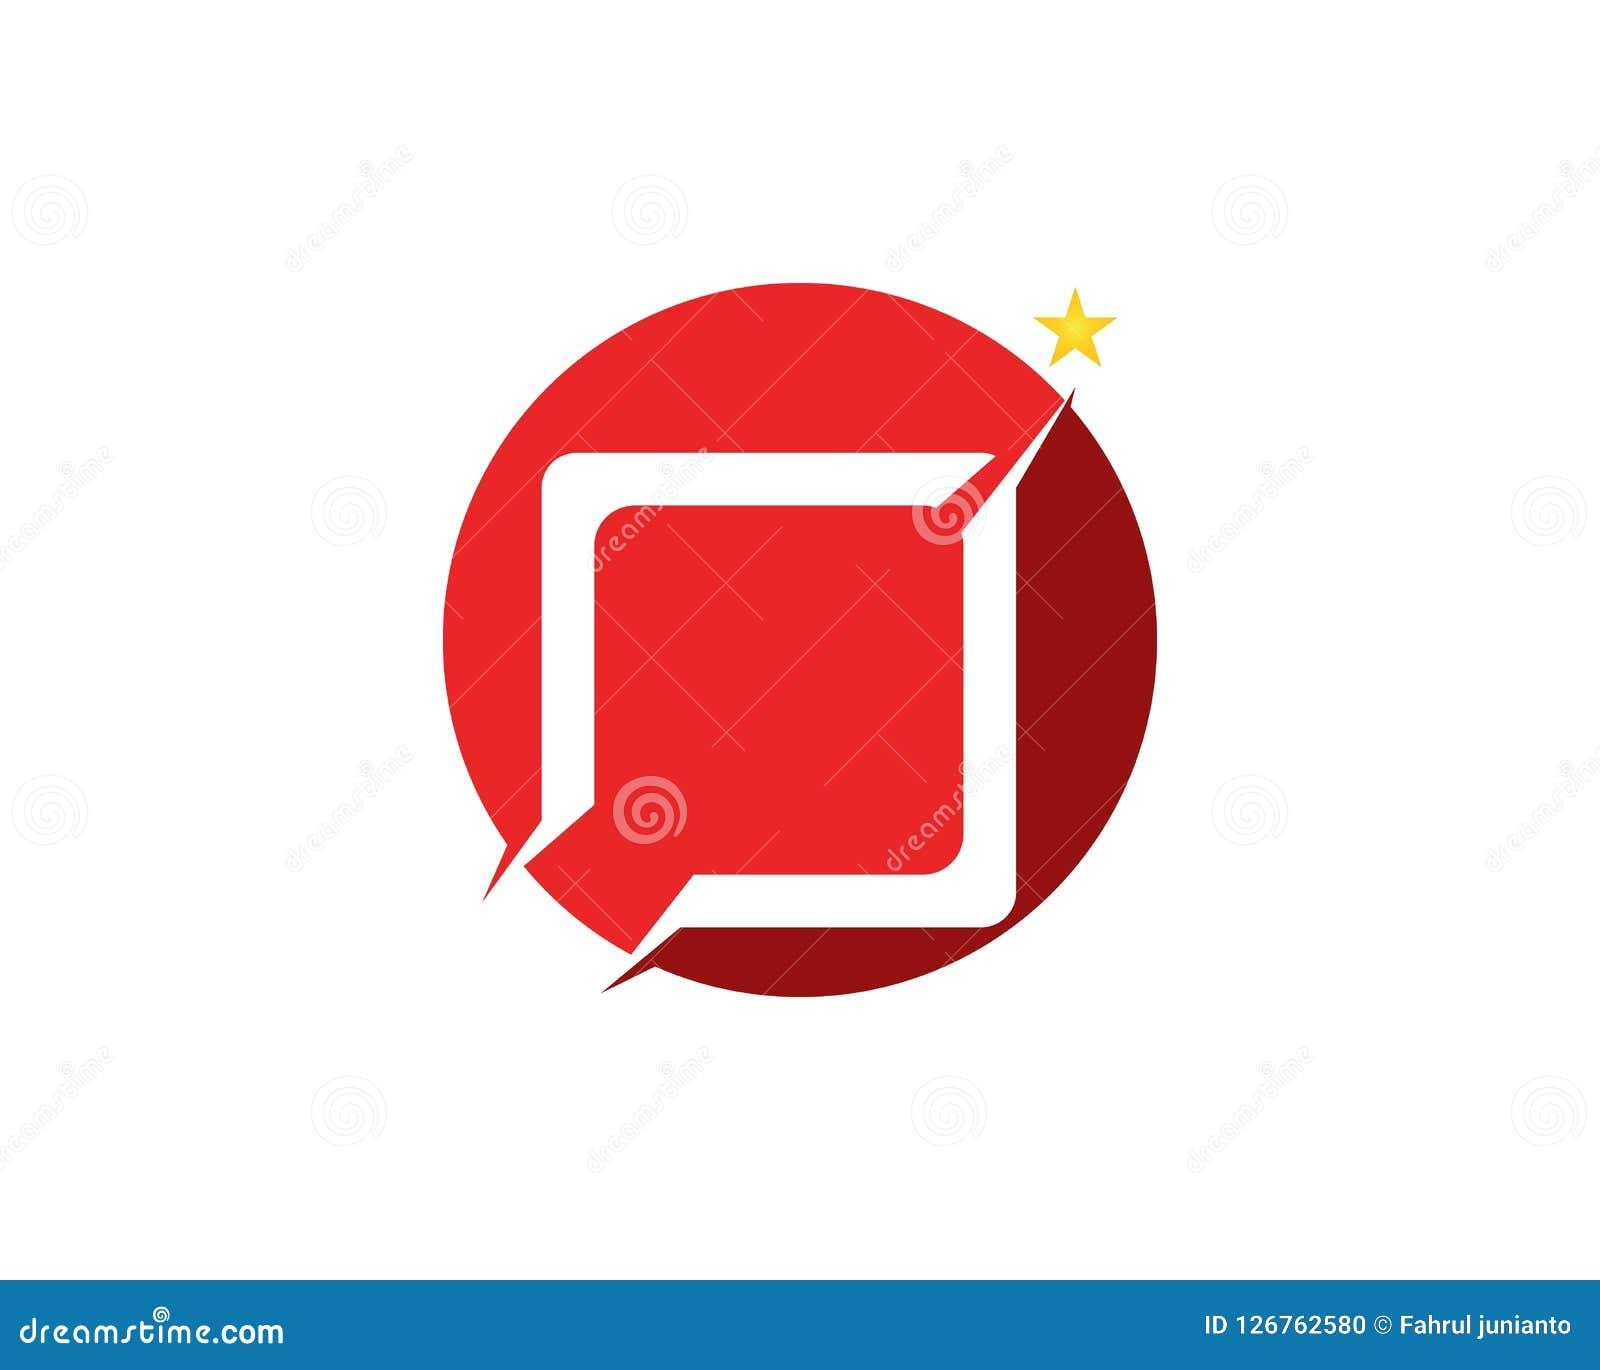 Star faster logo design template.  Stock Illustration